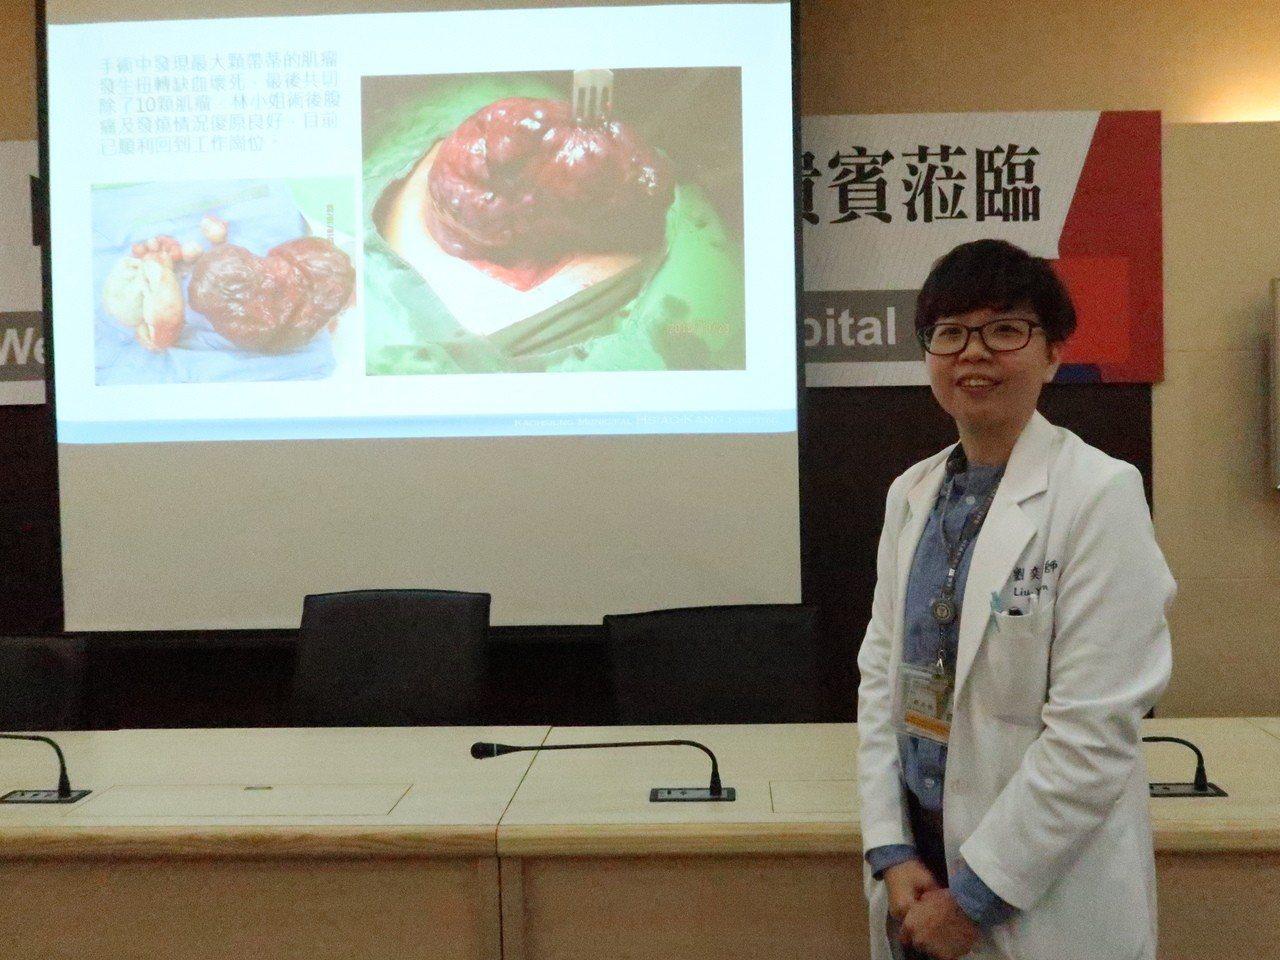 小港醫院婦產科醫師劉奕吟表示,預防肌瘤的發生最好能減少環境荷爾蒙的暴露,建議要規...